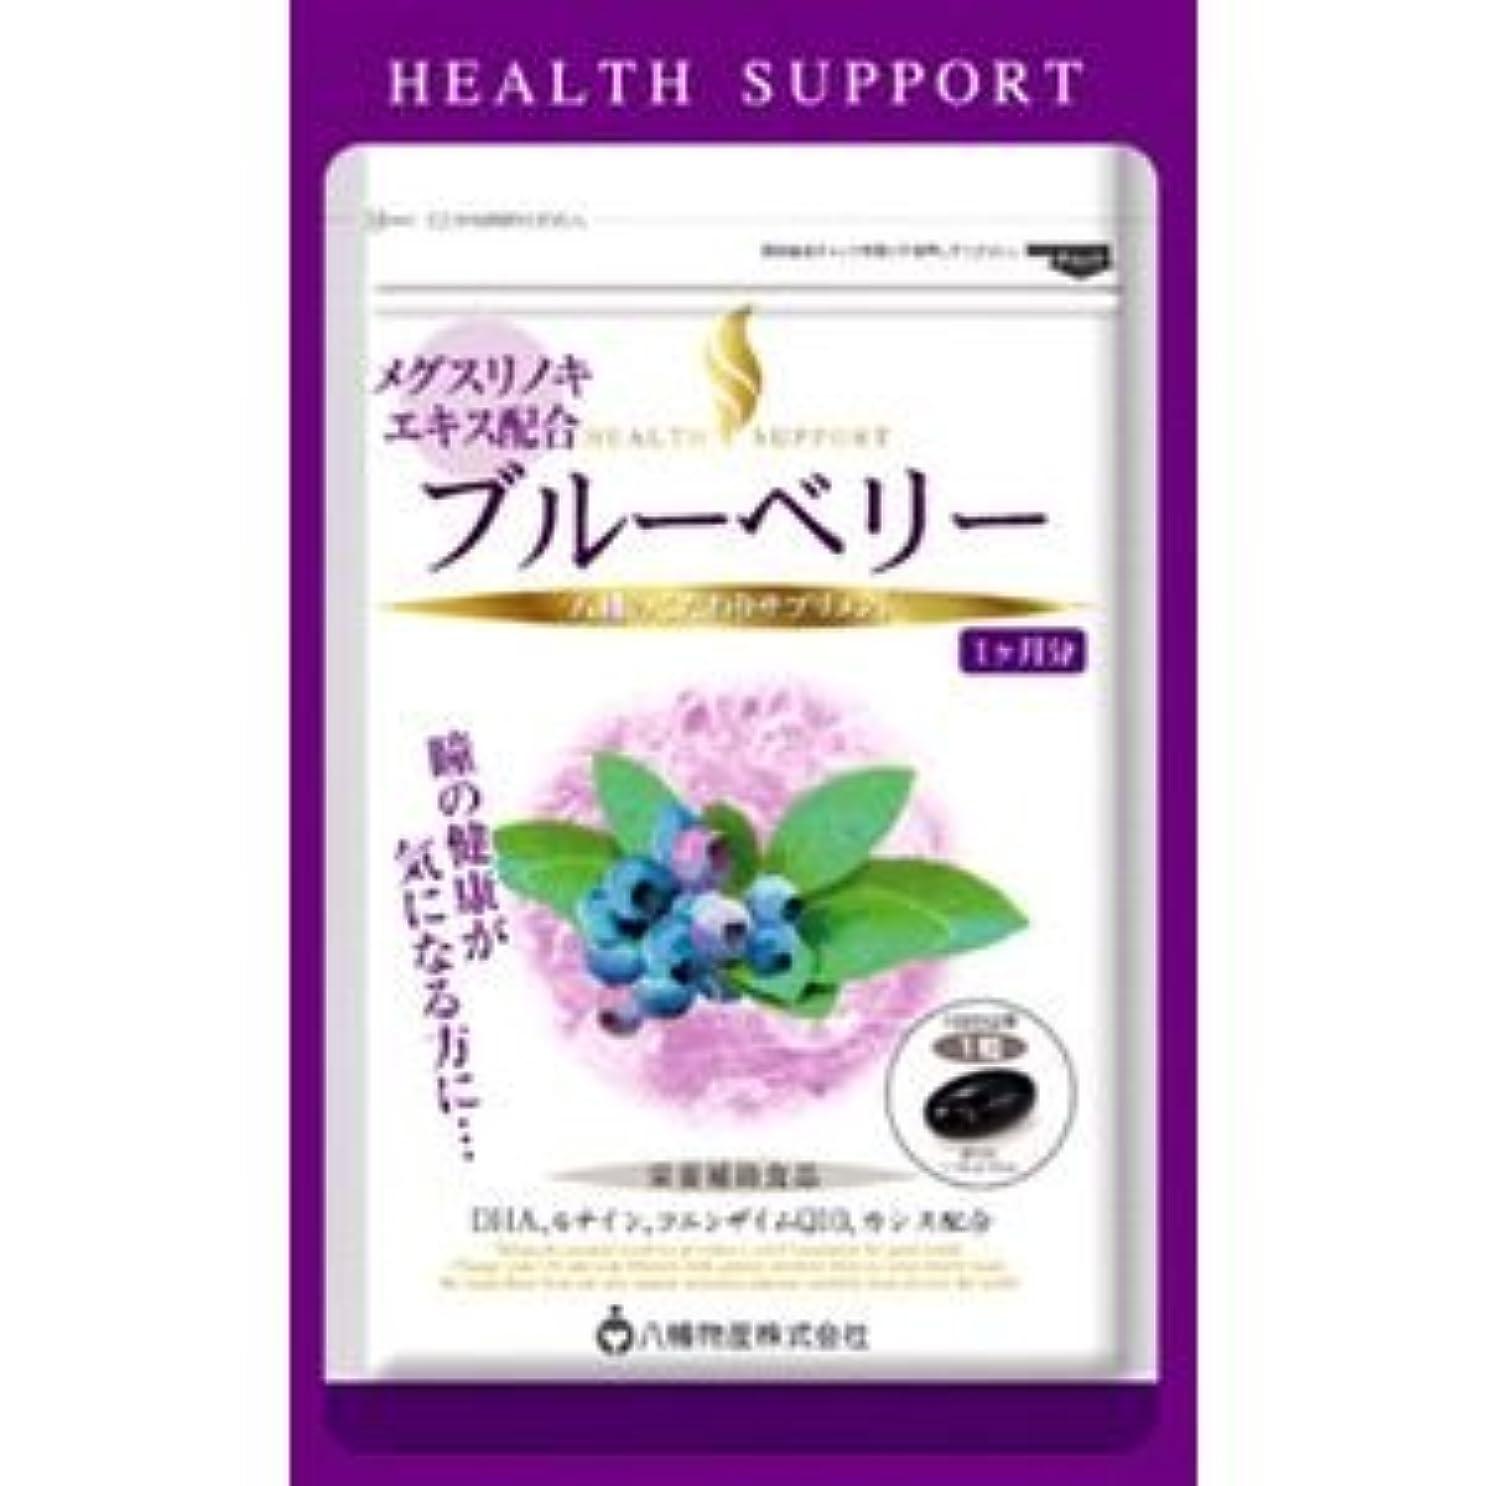 ヘルスサポート ブルーベリー 30粒×(6セット)